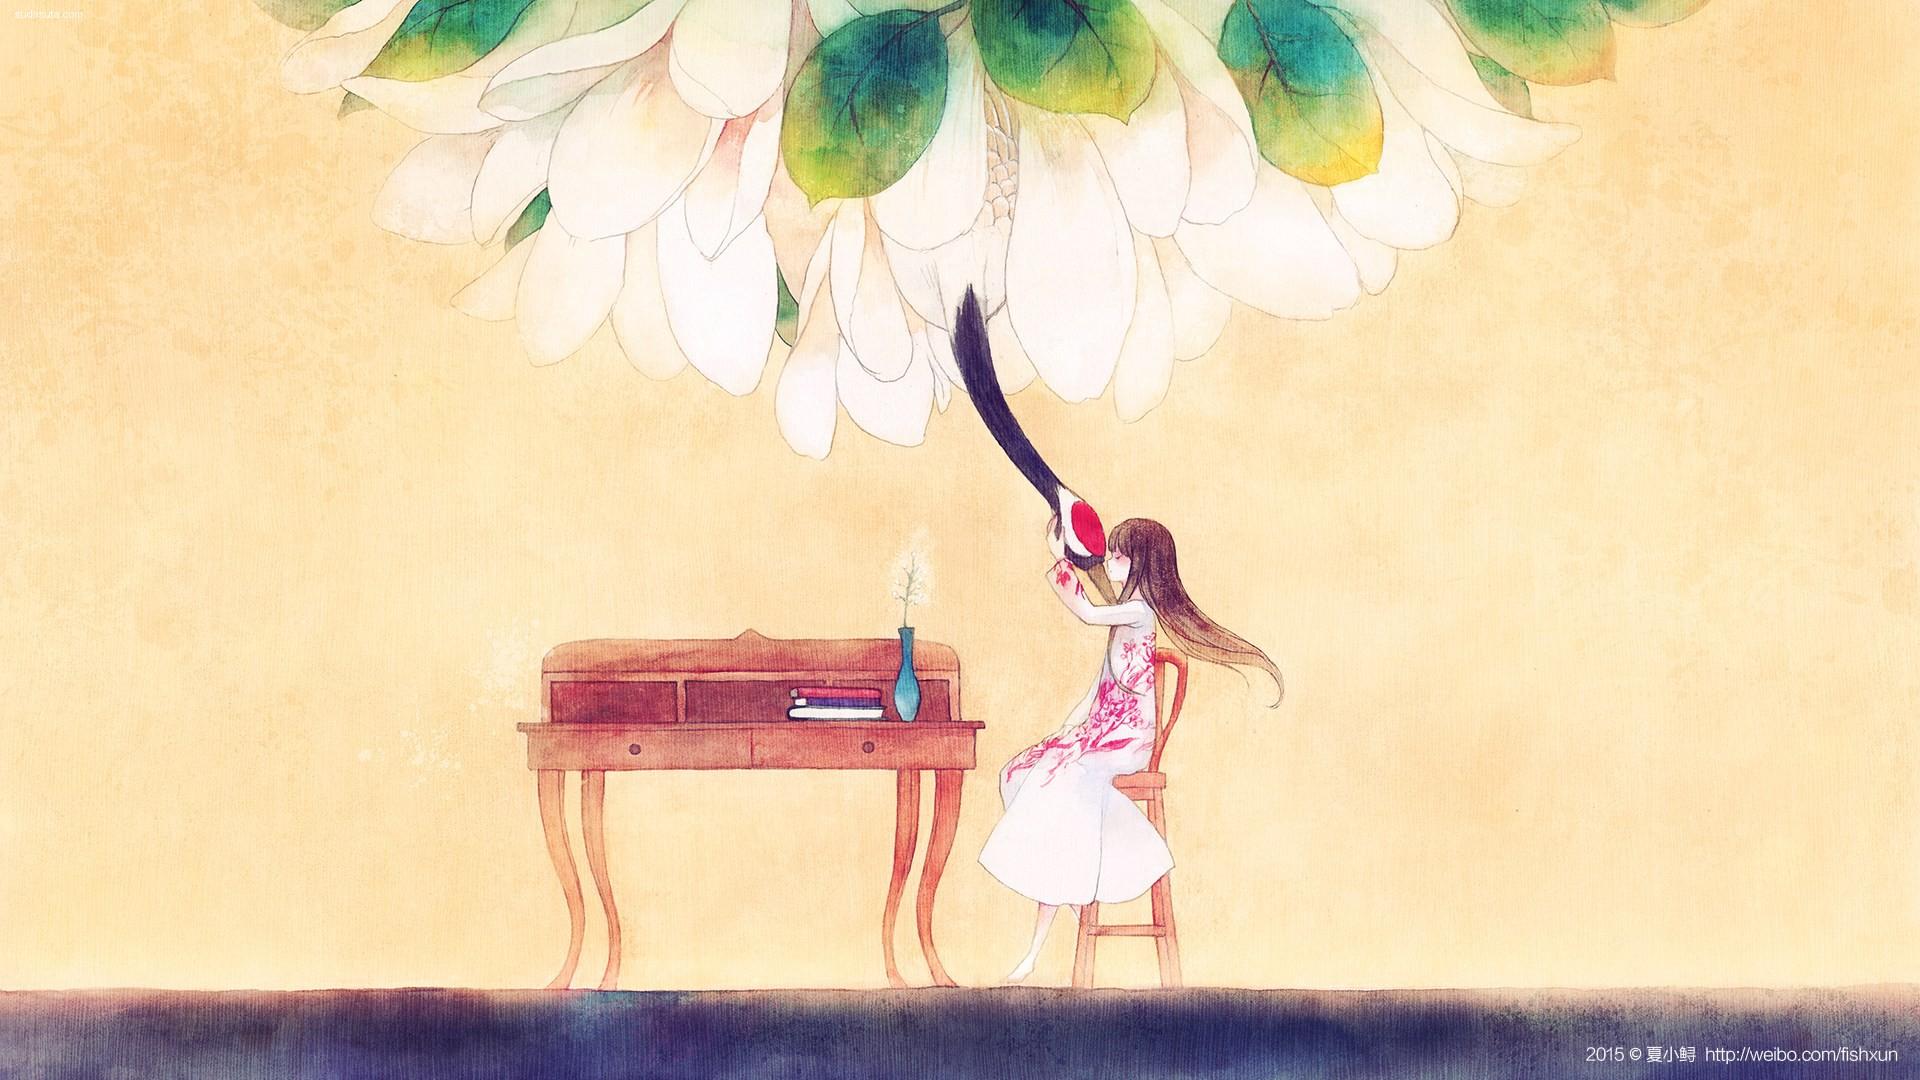 夏小鲟 原创手绘漫画欣赏